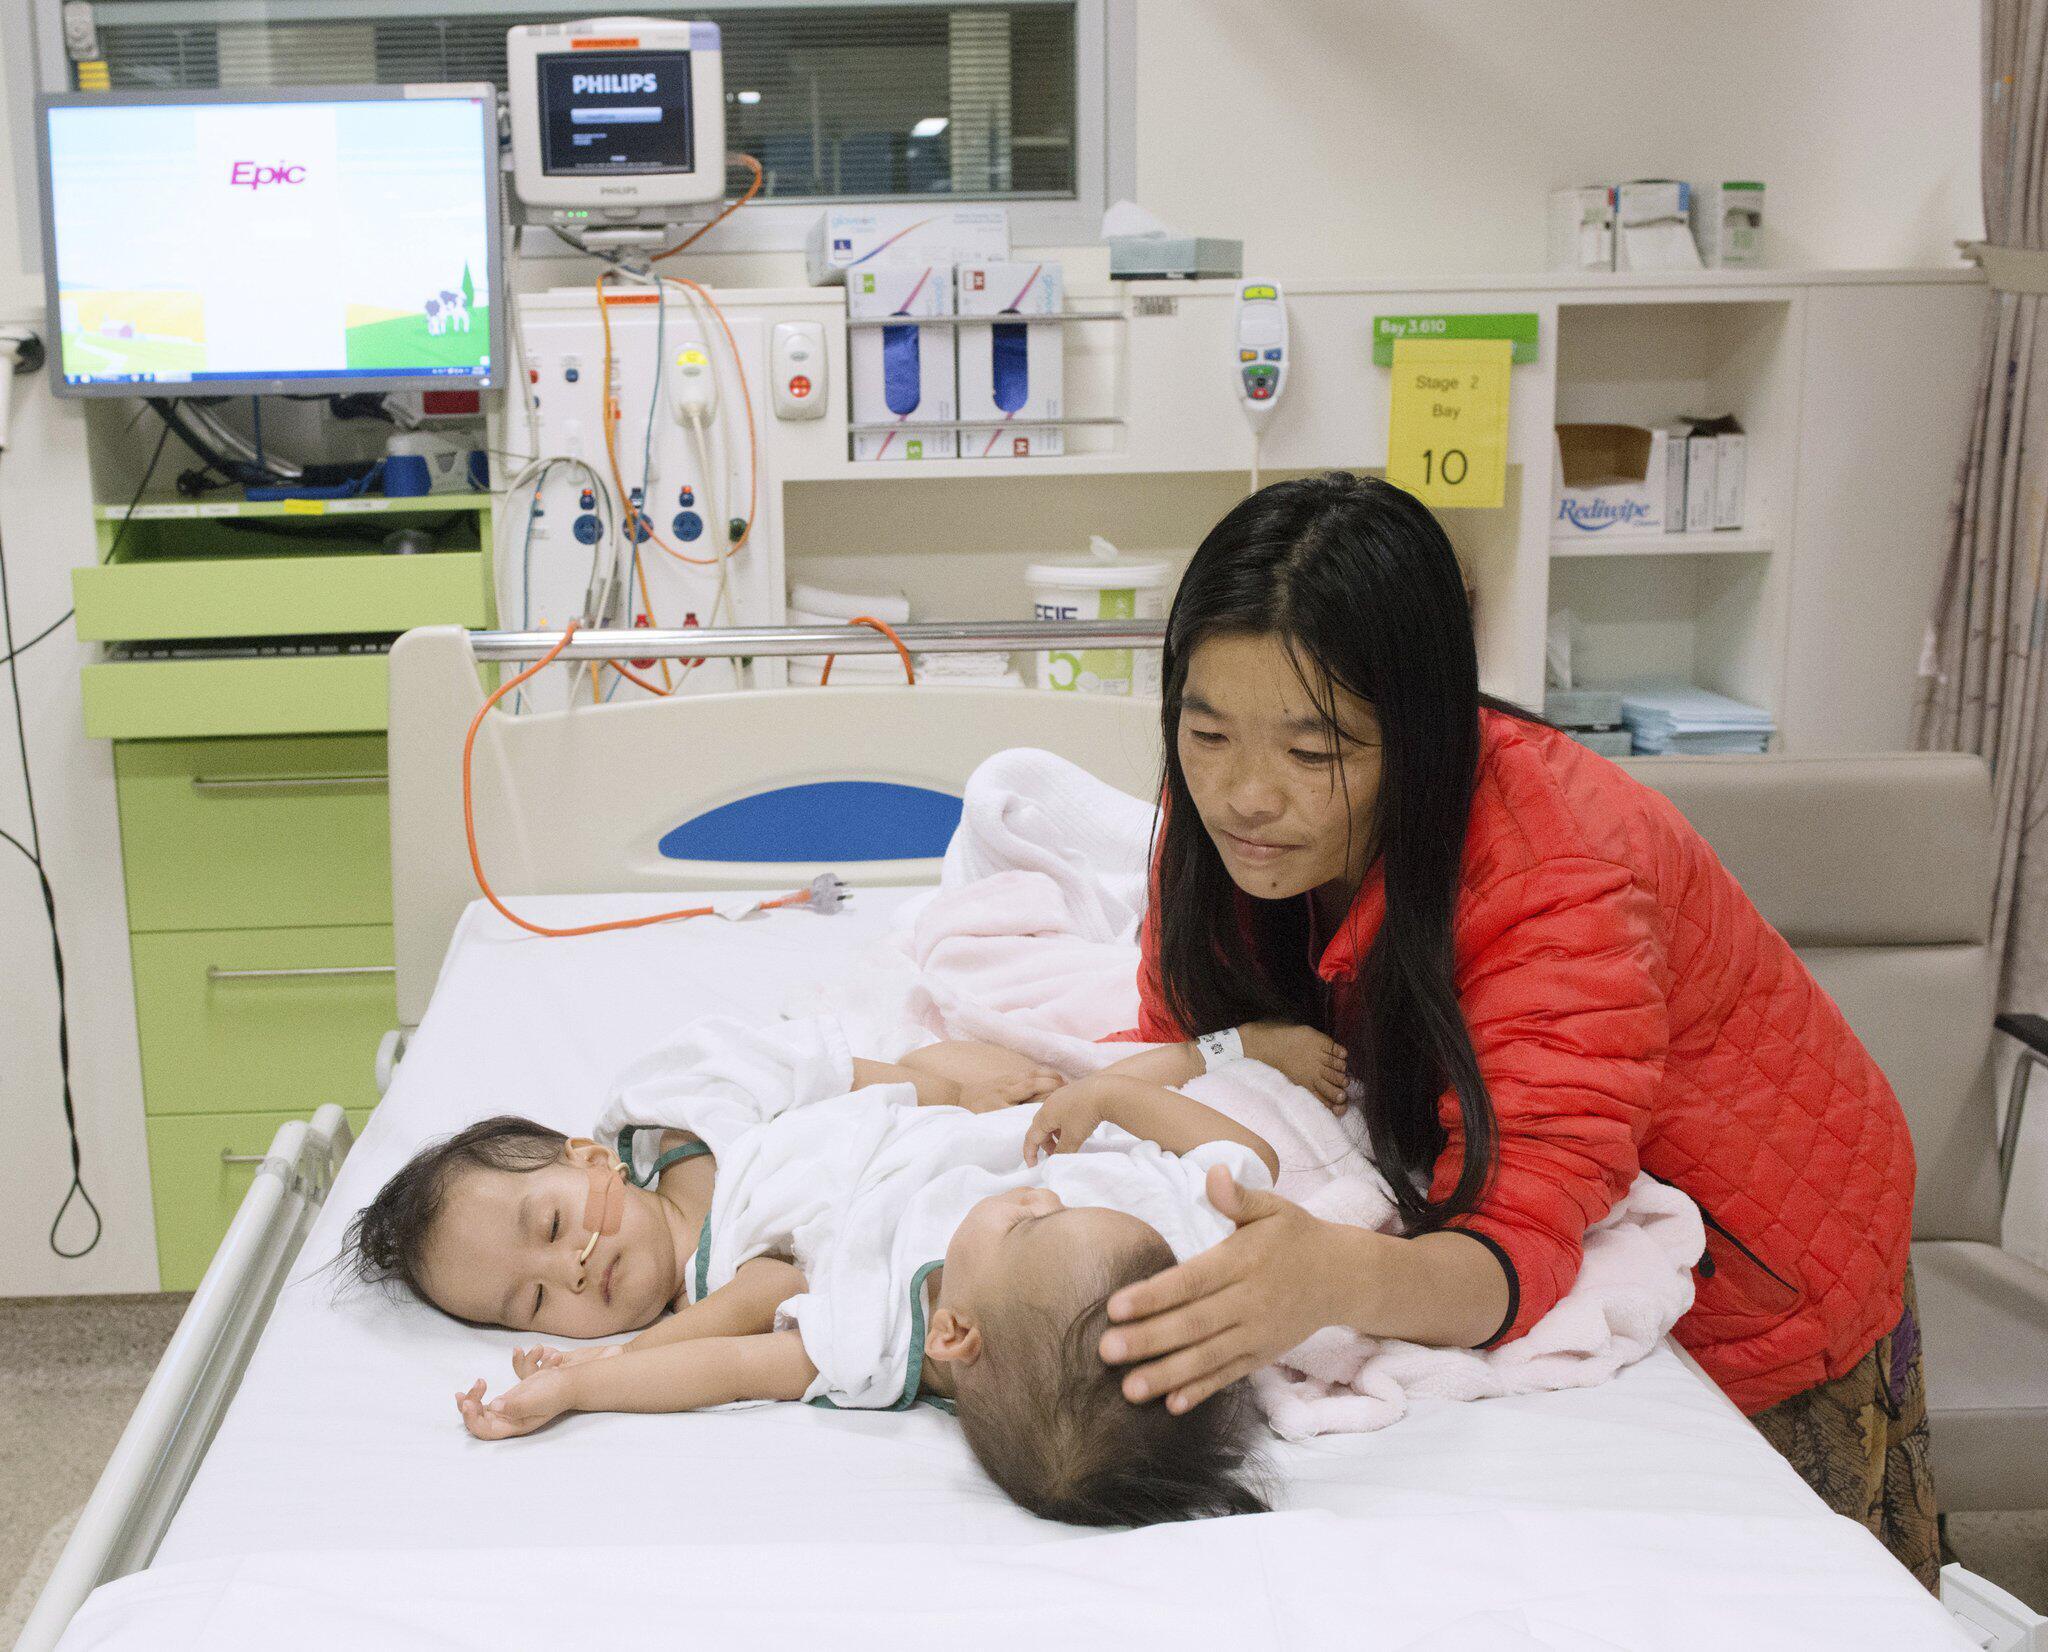 Bild zu Ärzte wollen siamesische Zwillinge aus Bhutan trennen